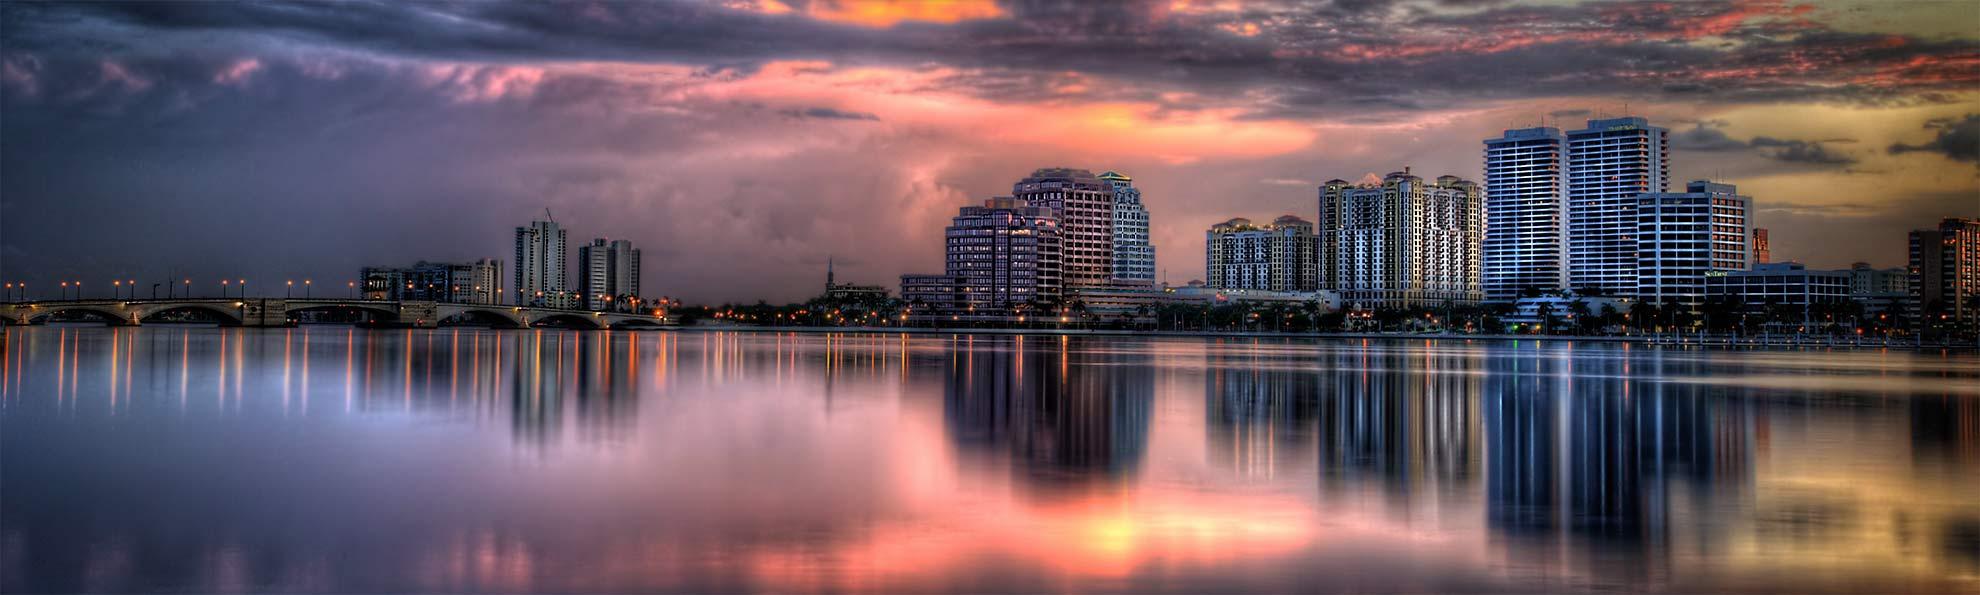 Tax Attorney West Palm Beach